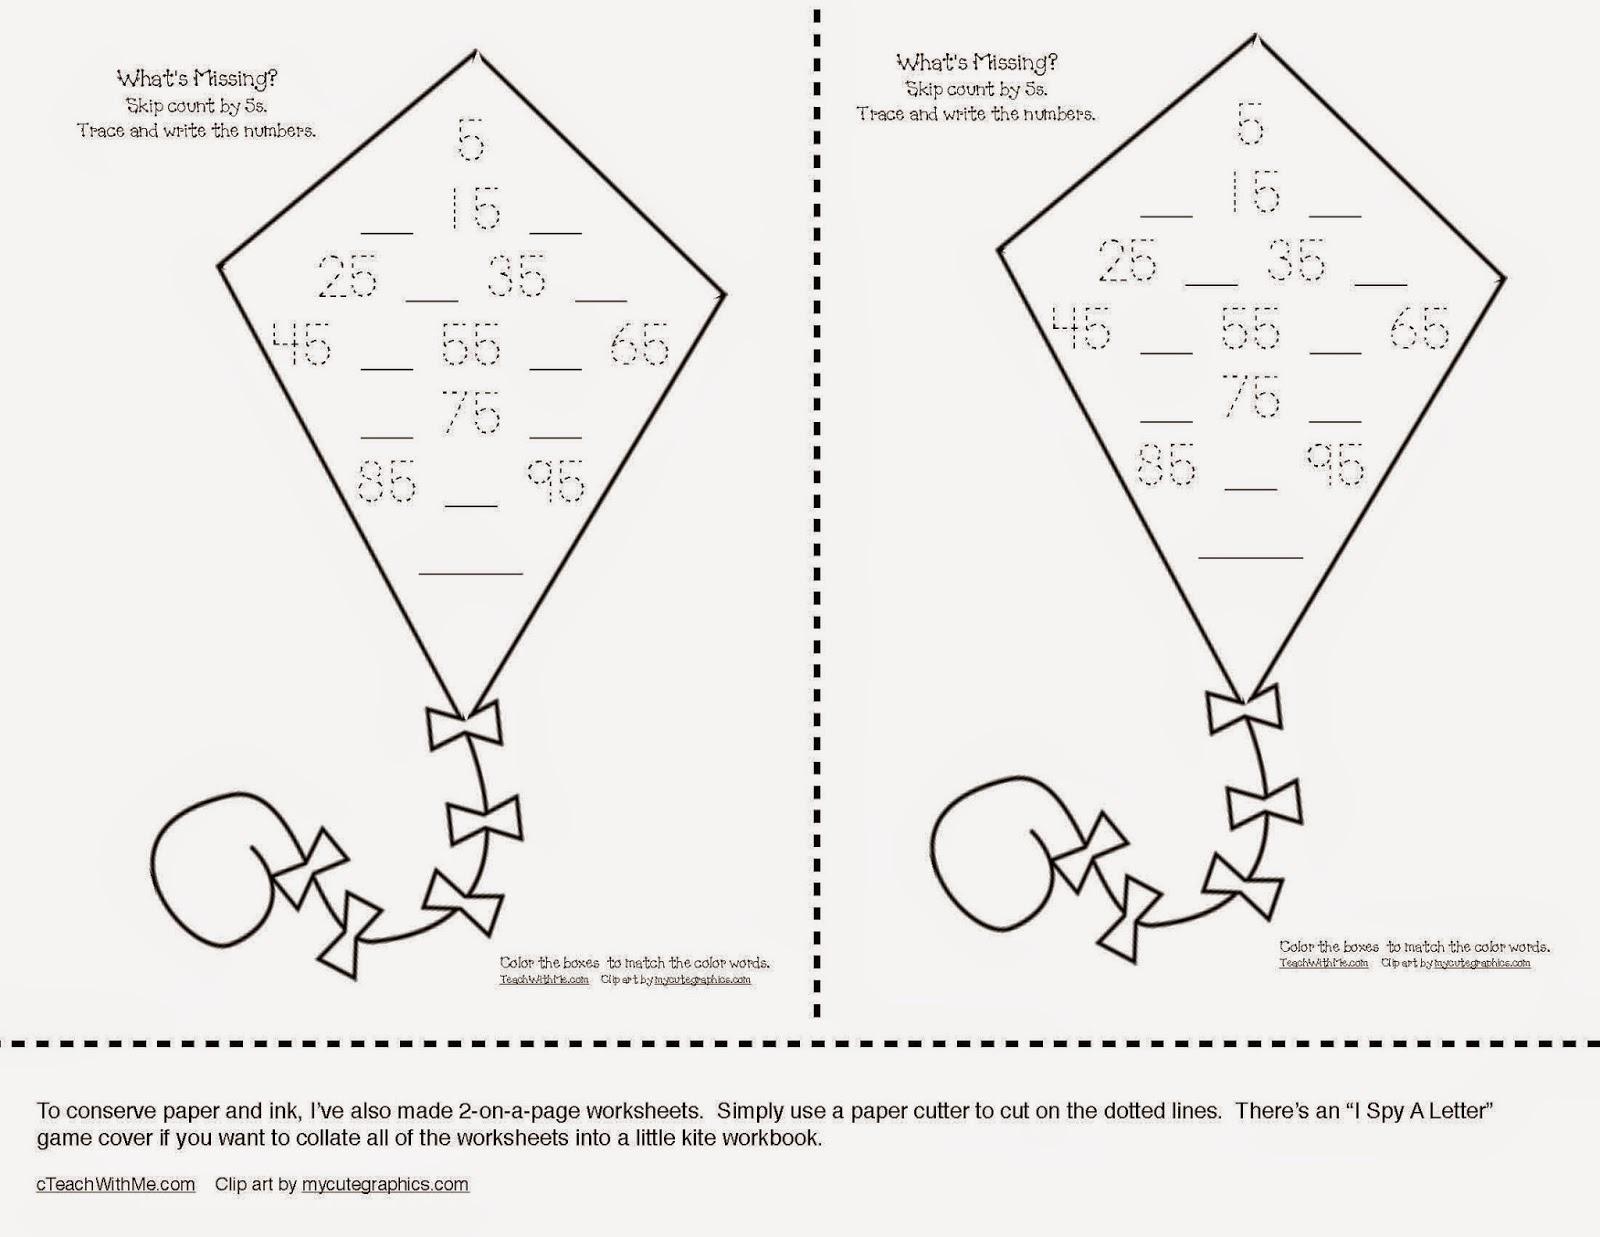 kites for worksheets preschool kites best free printable worksheets. Black Bedroom Furniture Sets. Home Design Ideas